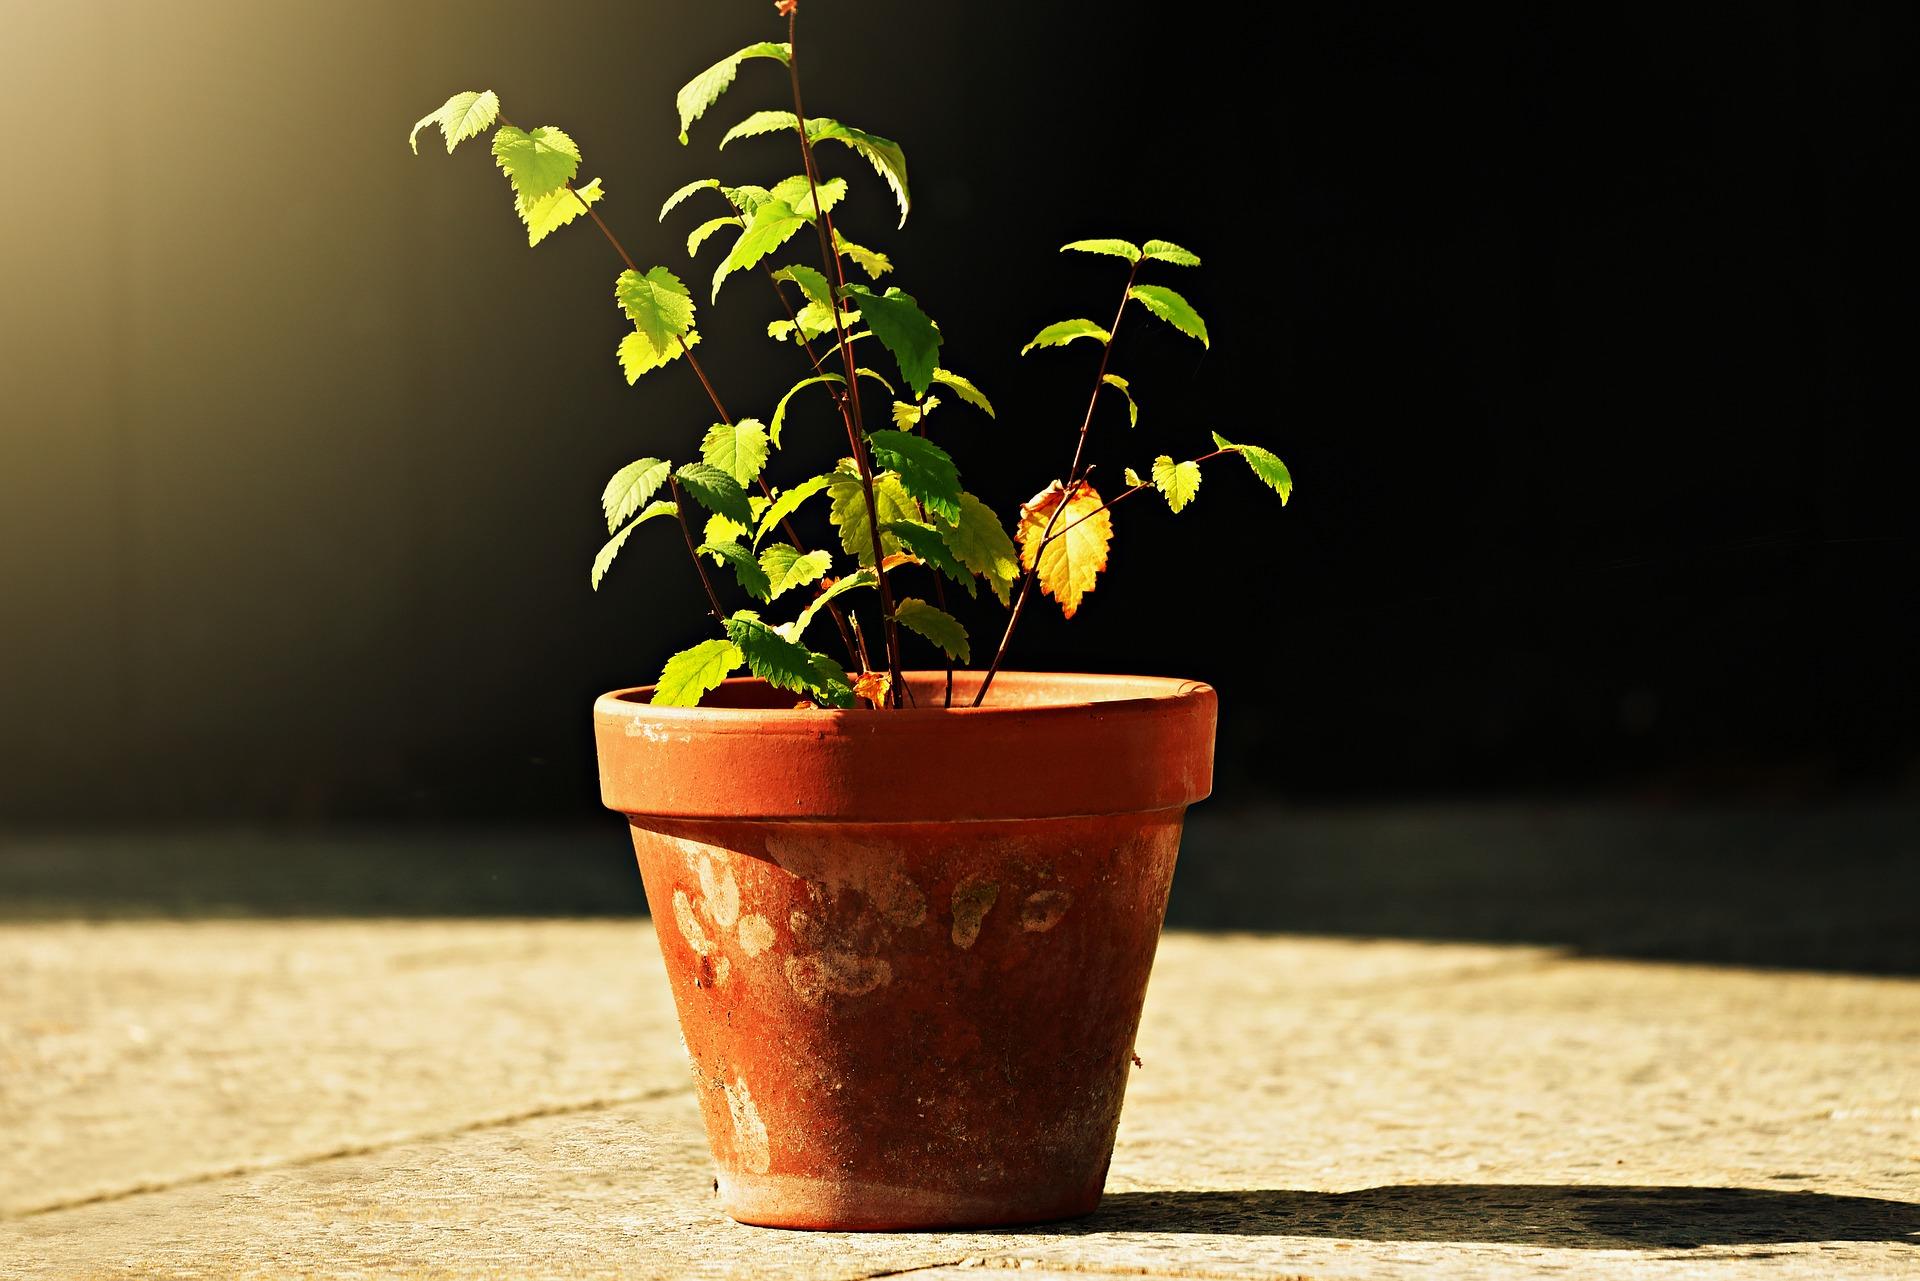 flower-pot-3646013_1920.jpg